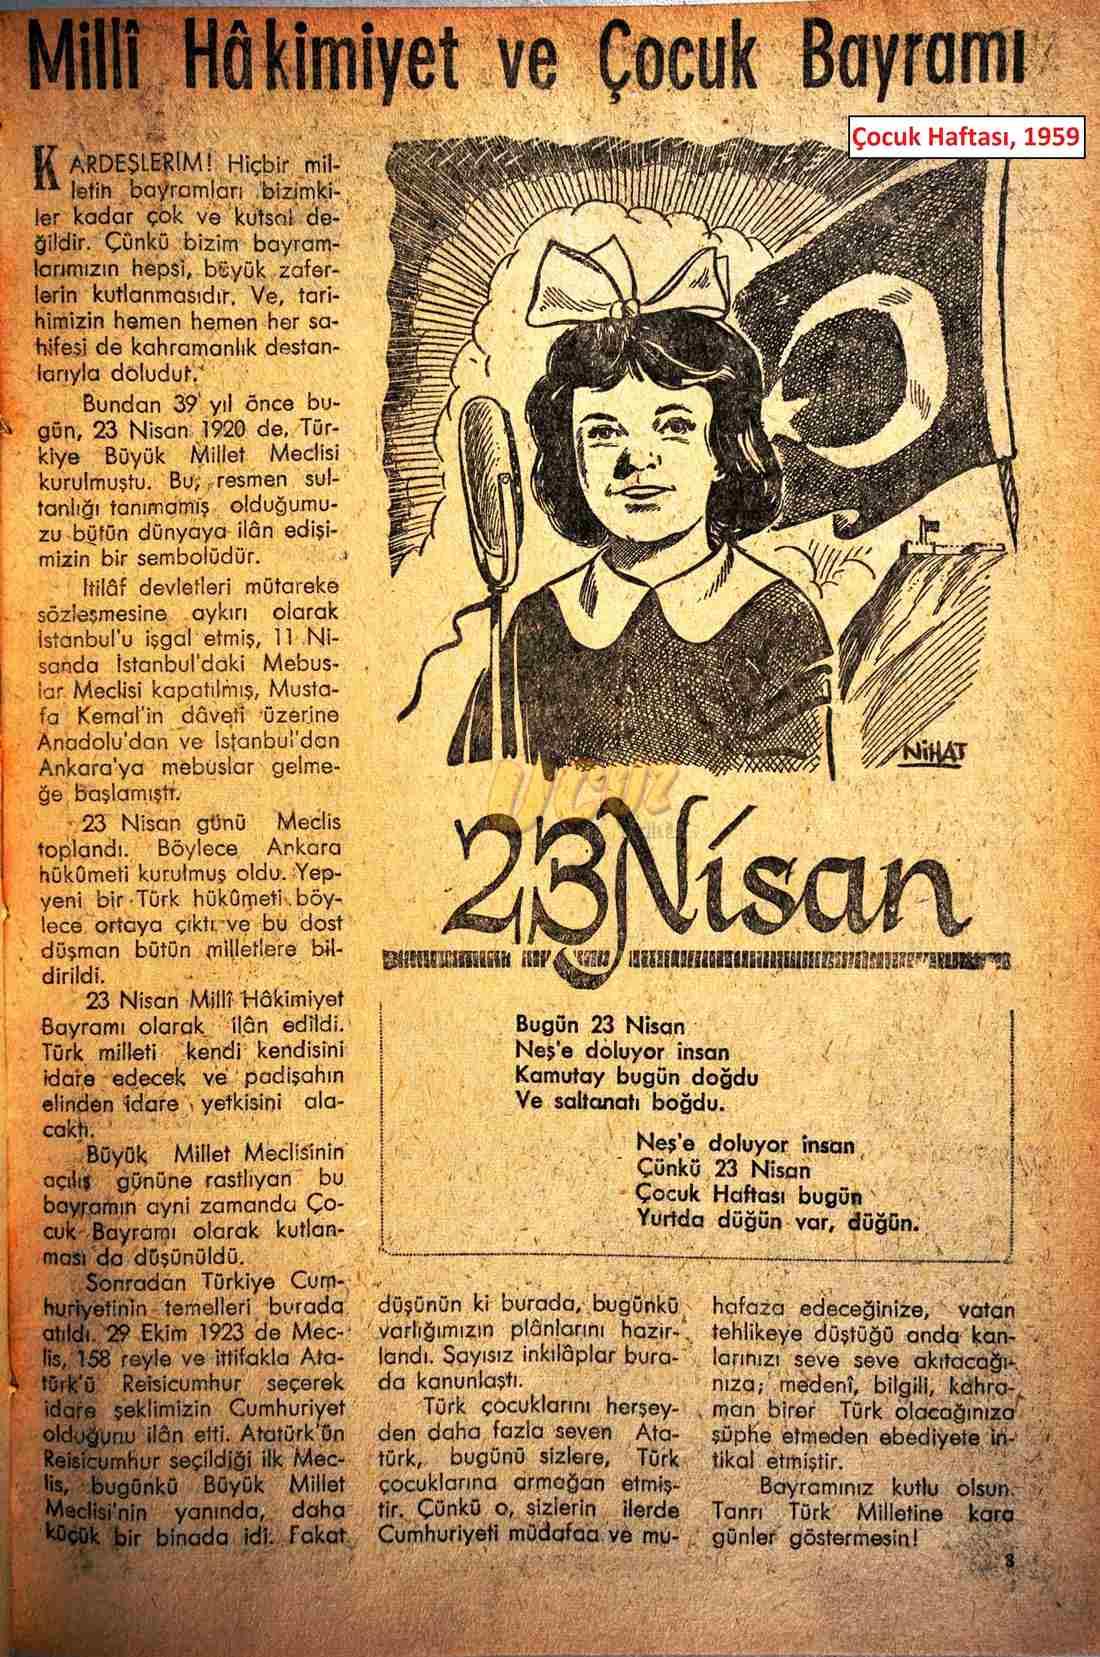 1959 çocuk haftası 2